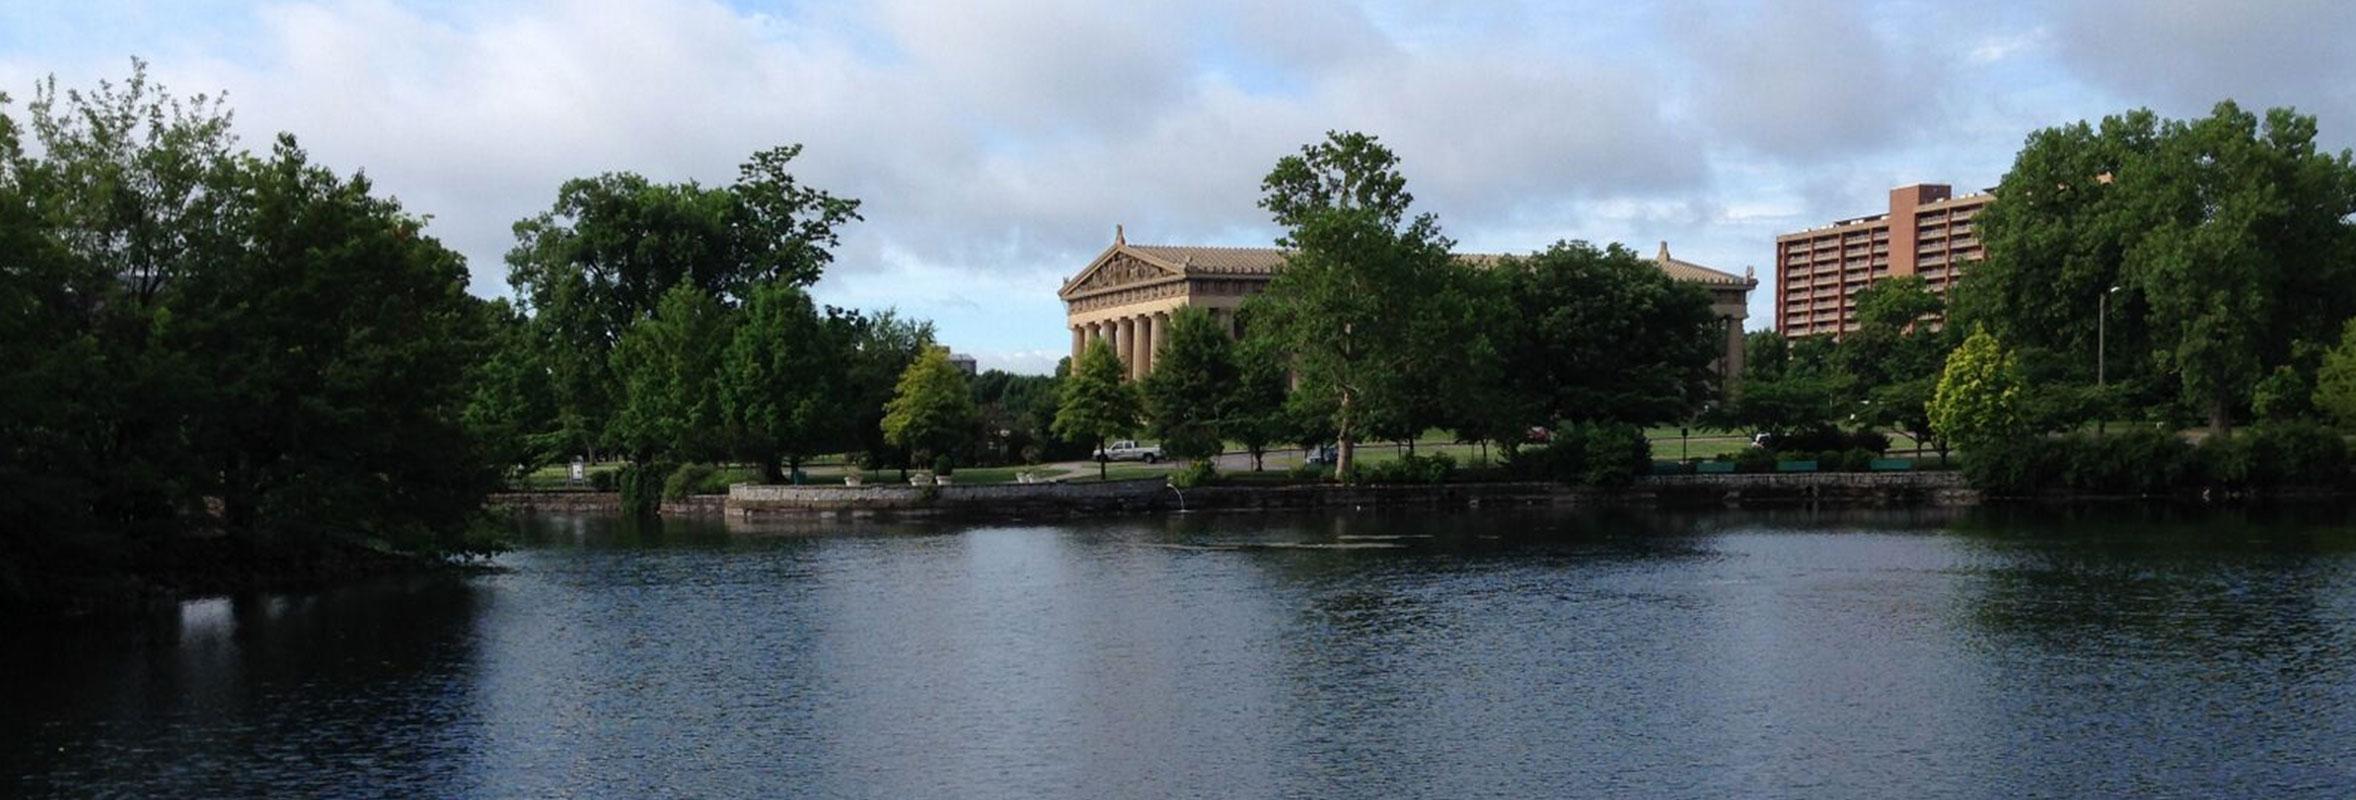 Centennial+Park+Master+Plan_Lake+View.jpg